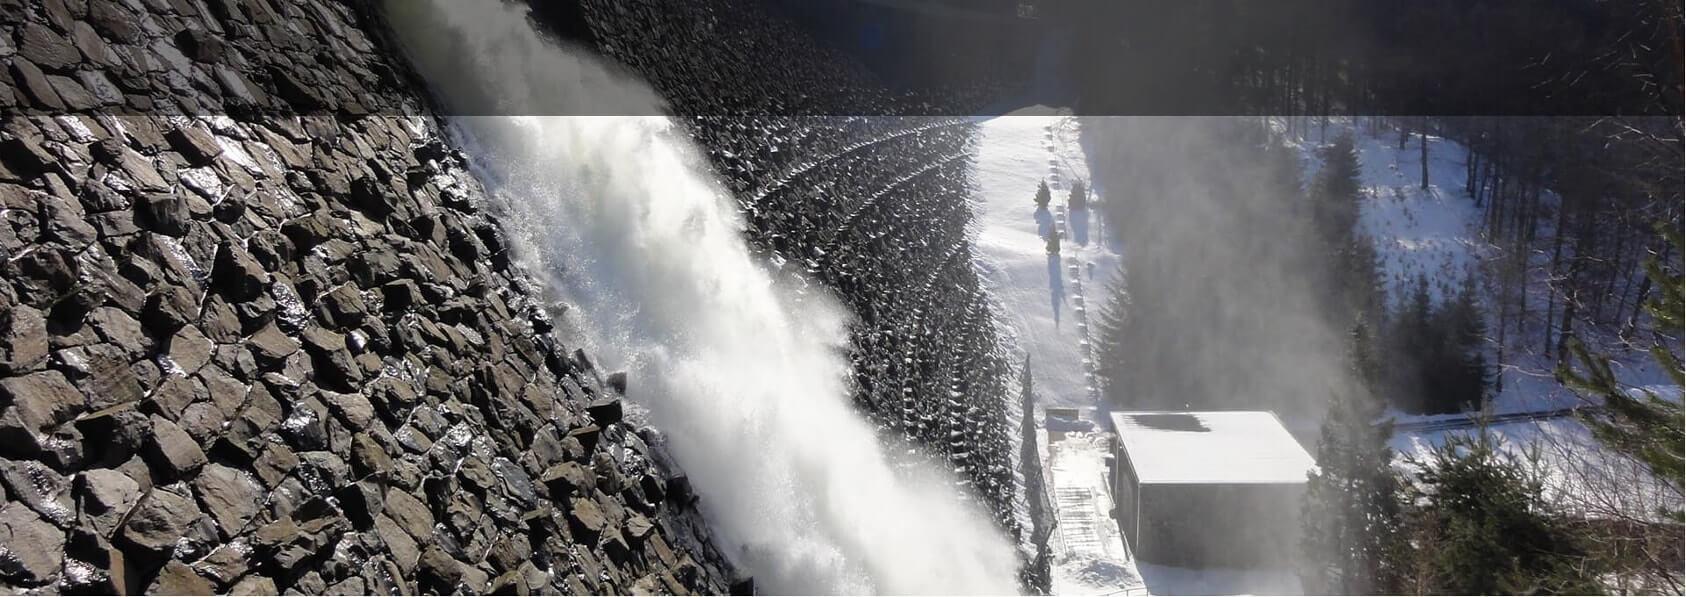 Fachbereich Wasser - Talsperre Seidenbach - Spiekermann